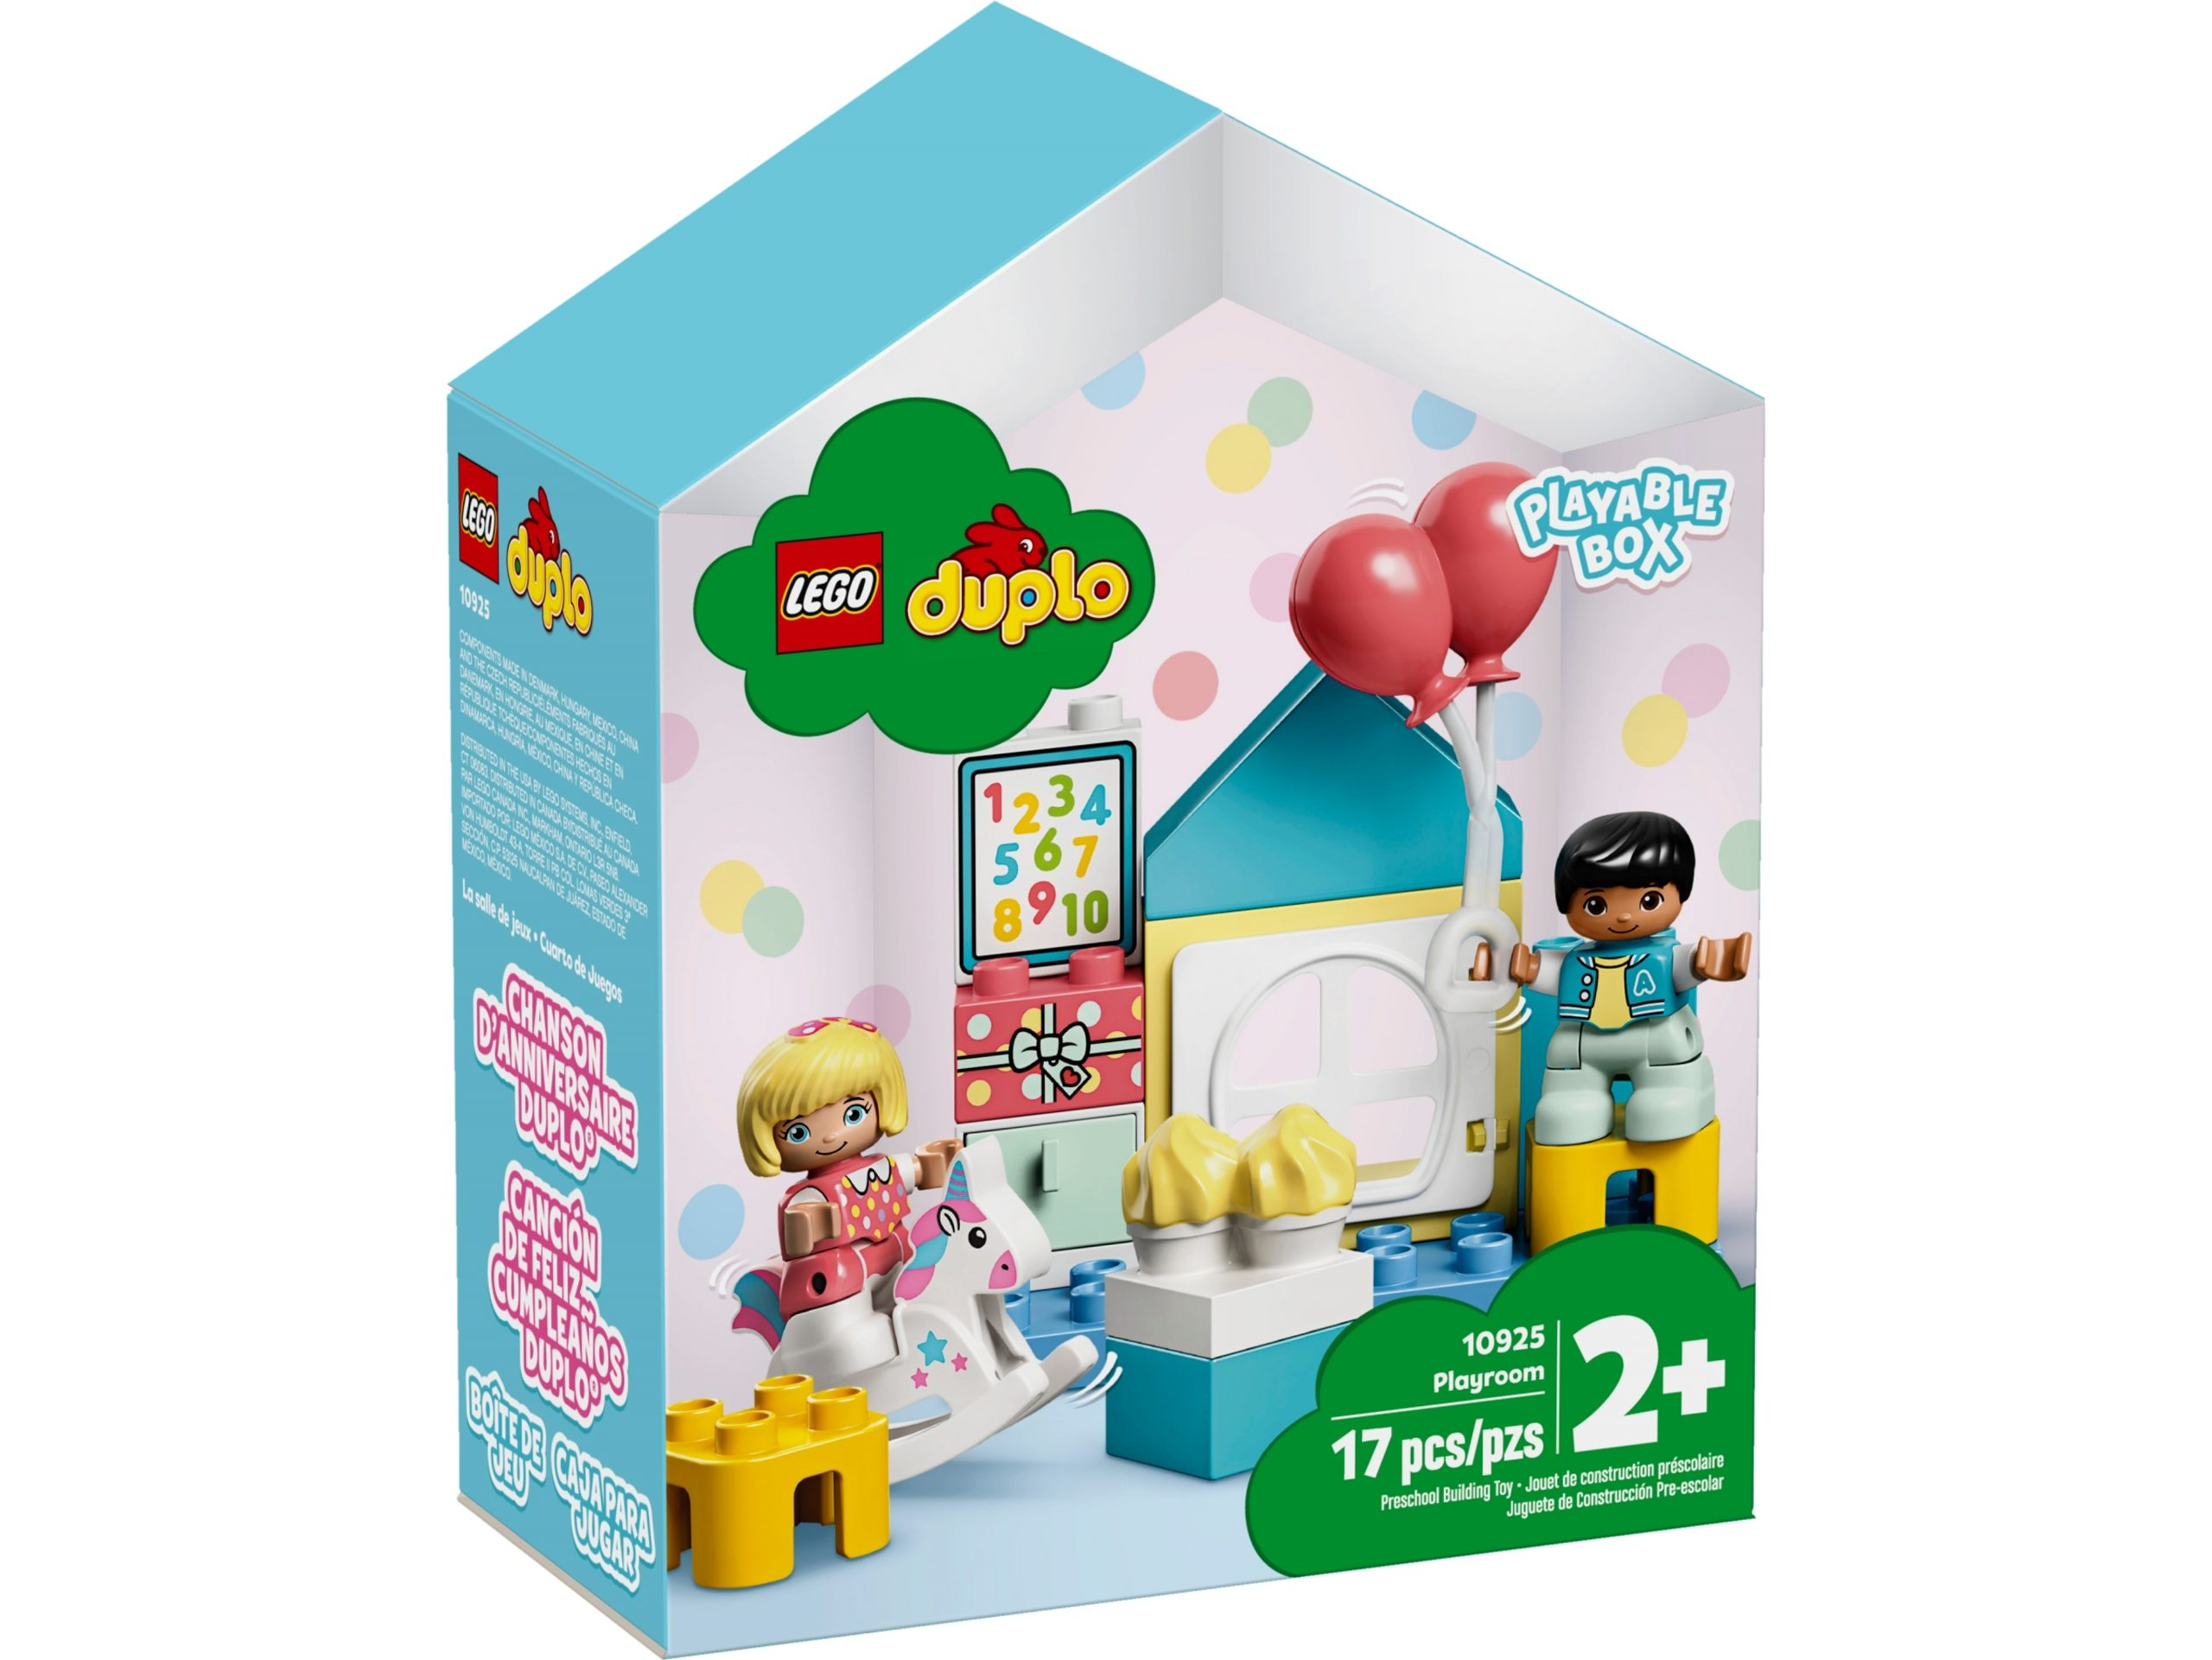 lego 10925 playroom scaled